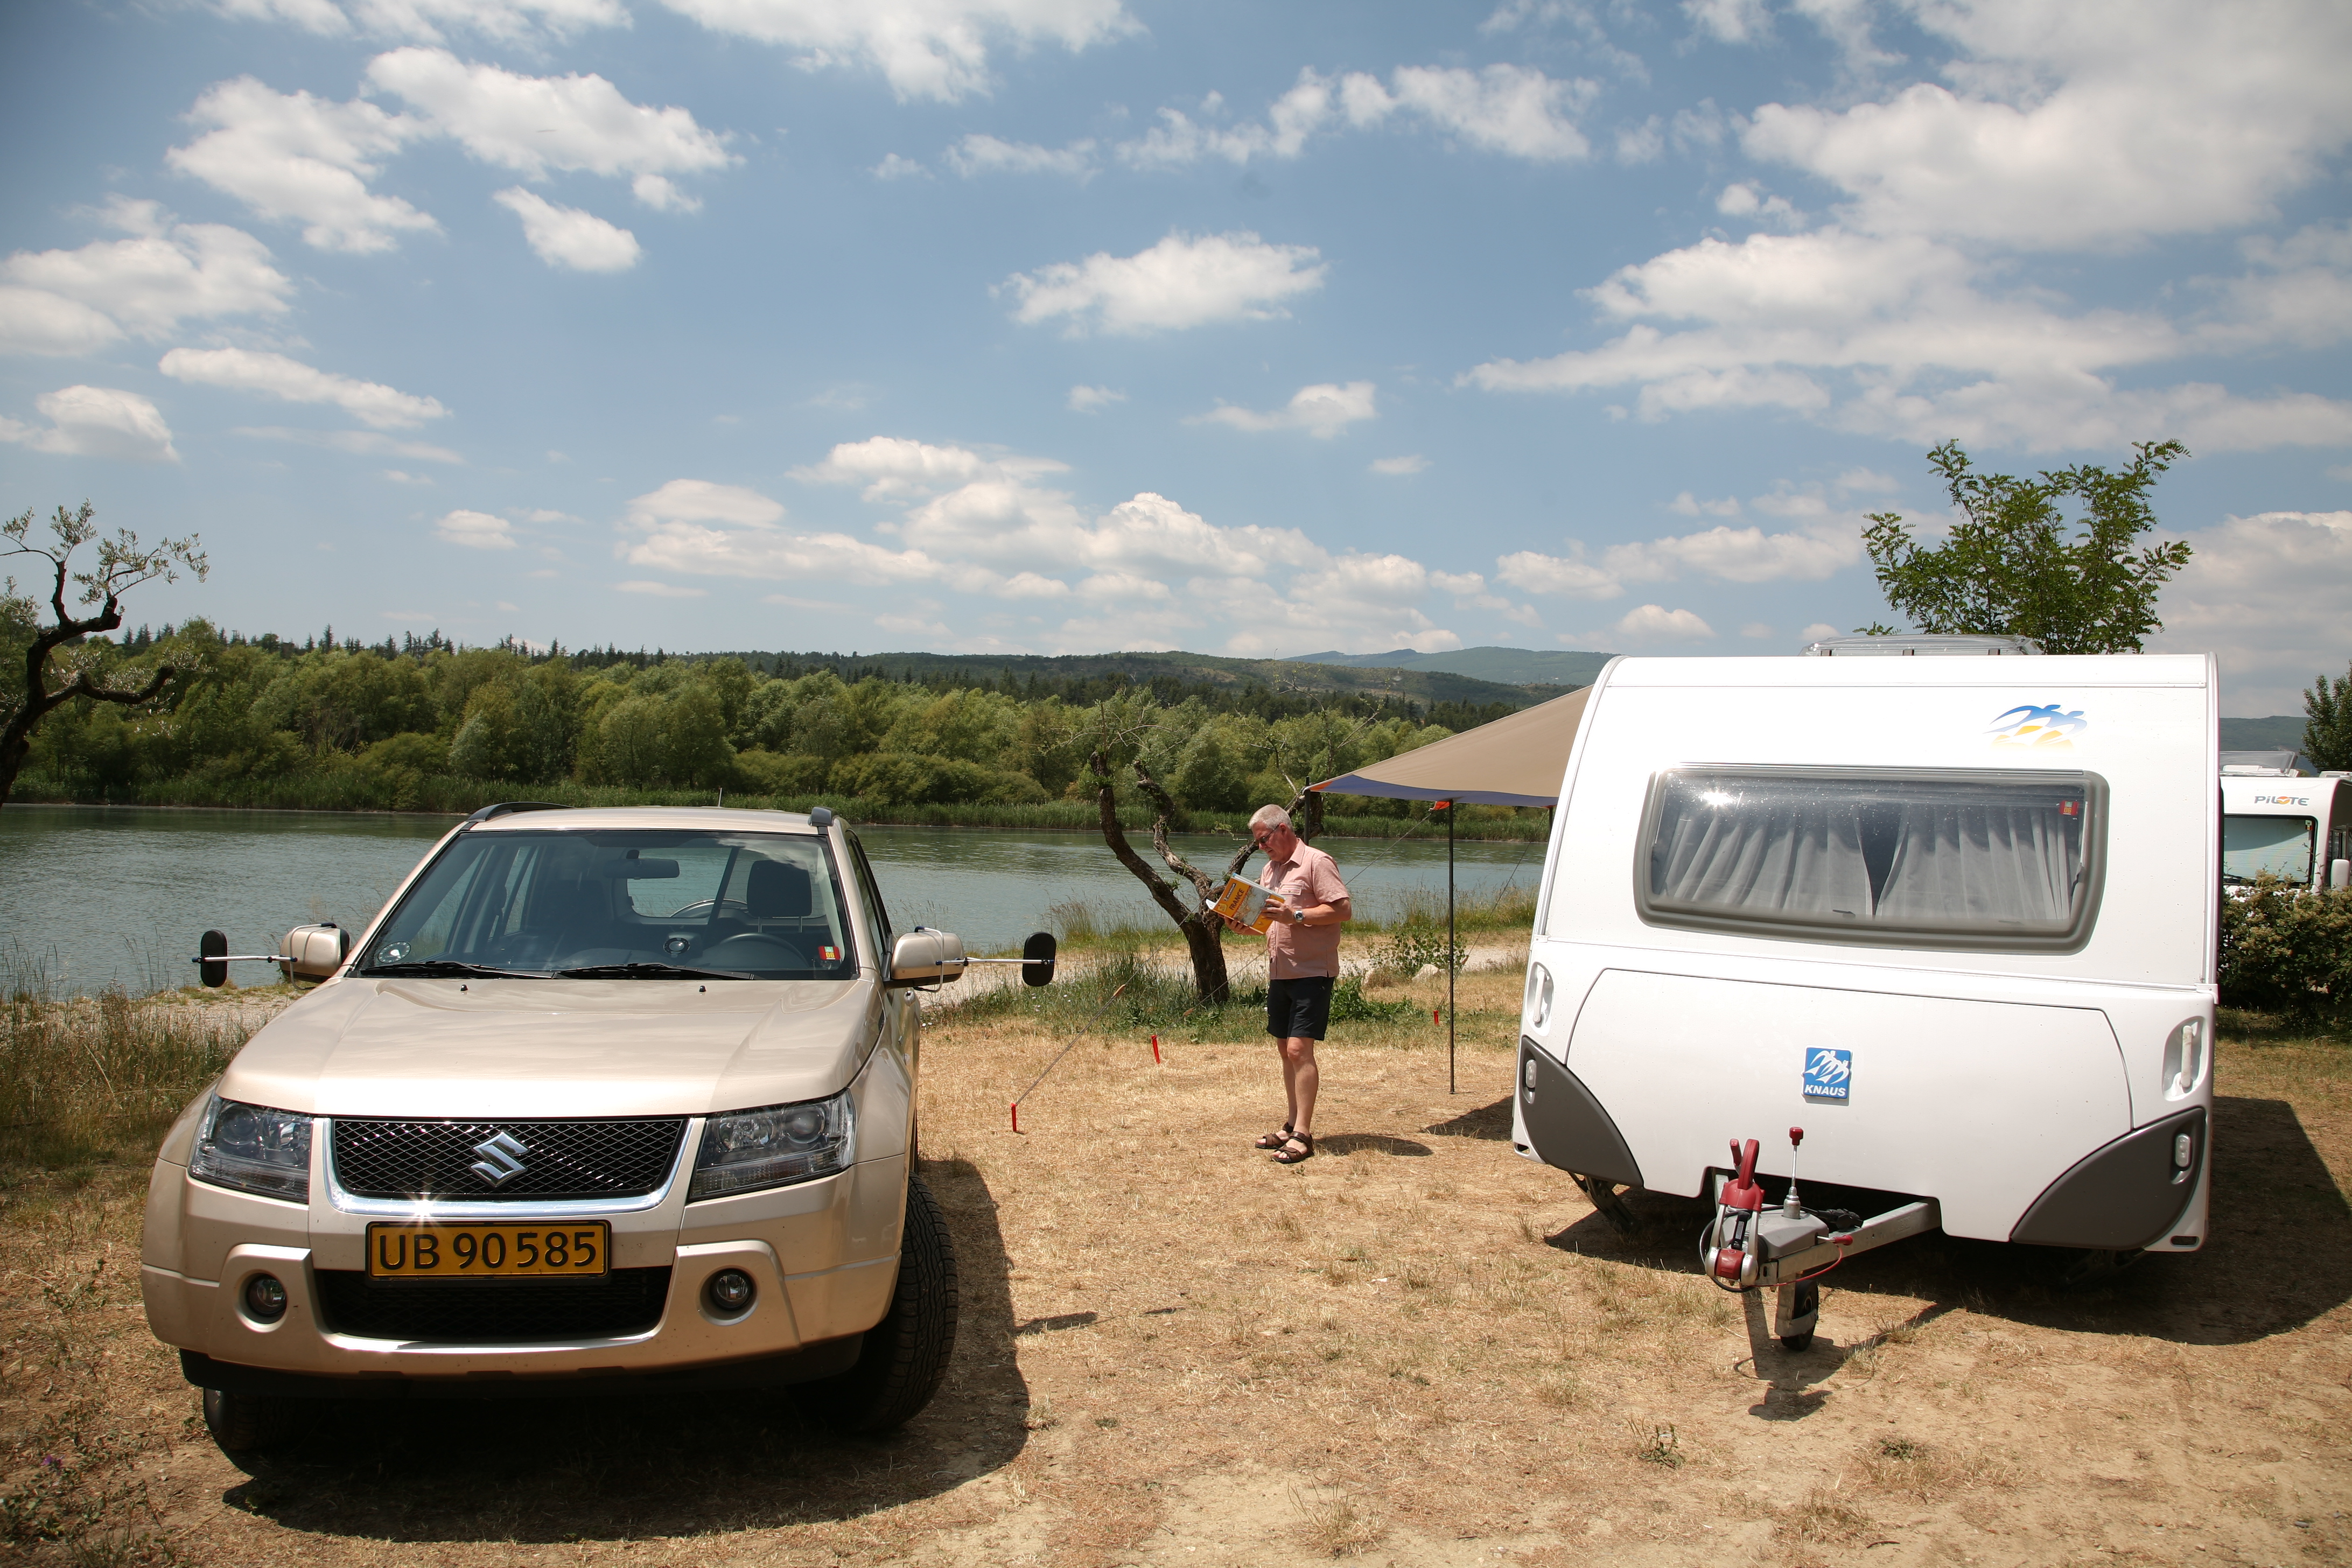 """Få km syd for Sisteron kommer vi til byen Volonne, hvor vi kører ind på L'Hippocampe som er med i sammenslutningen Sunelia, som er en række gode campingpladser. Pladsen modtager også Camping Cheques, så her kan jeg også bruge mit Gold Card fra Camping Cheques, som jeg har """"tanket op"""" med cheques hjemmefra. Og vi er rigtigt heldige, hvilket ikke mindst skyldes at vi ankommer tidligt til campingpladsen. Vi kan nemlig få en plads helt ned til floden Durance. Og så kommer vores Shadow op og bord og stole ud."""